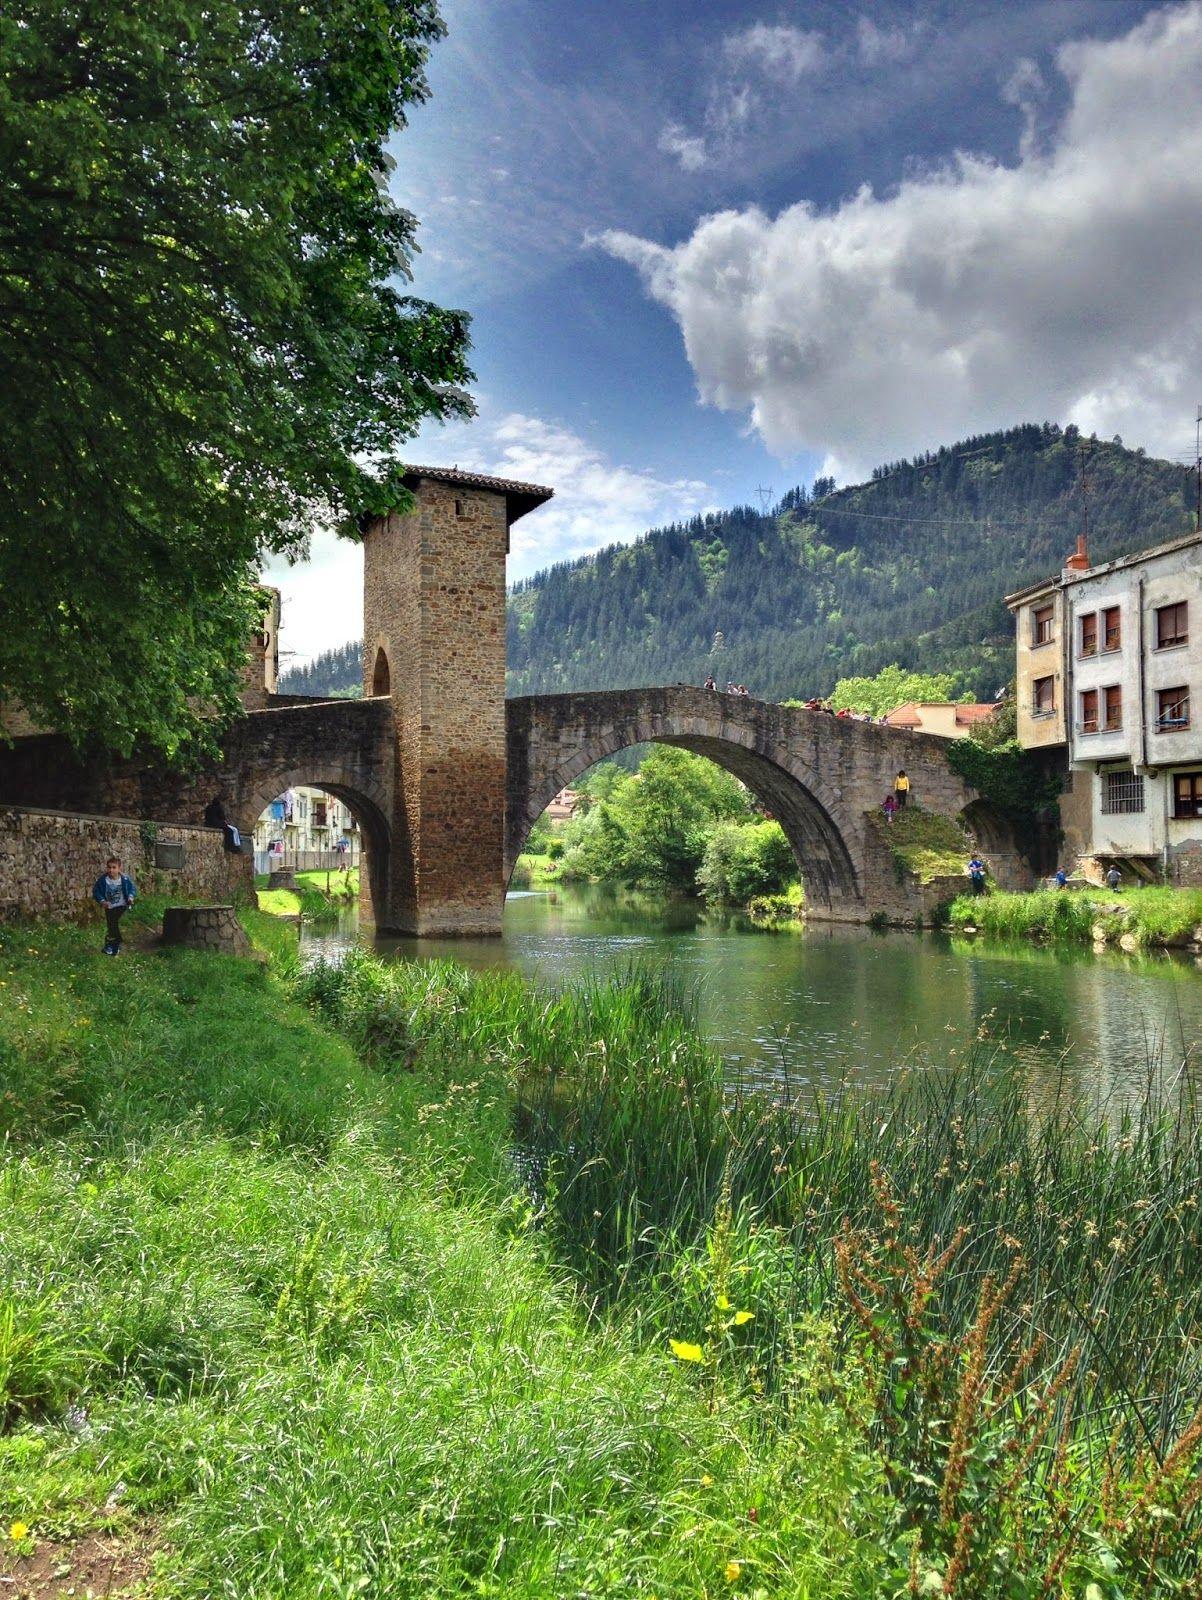 Medieval+Fair+old+bridge.JPG 1,202×1,600 pixels